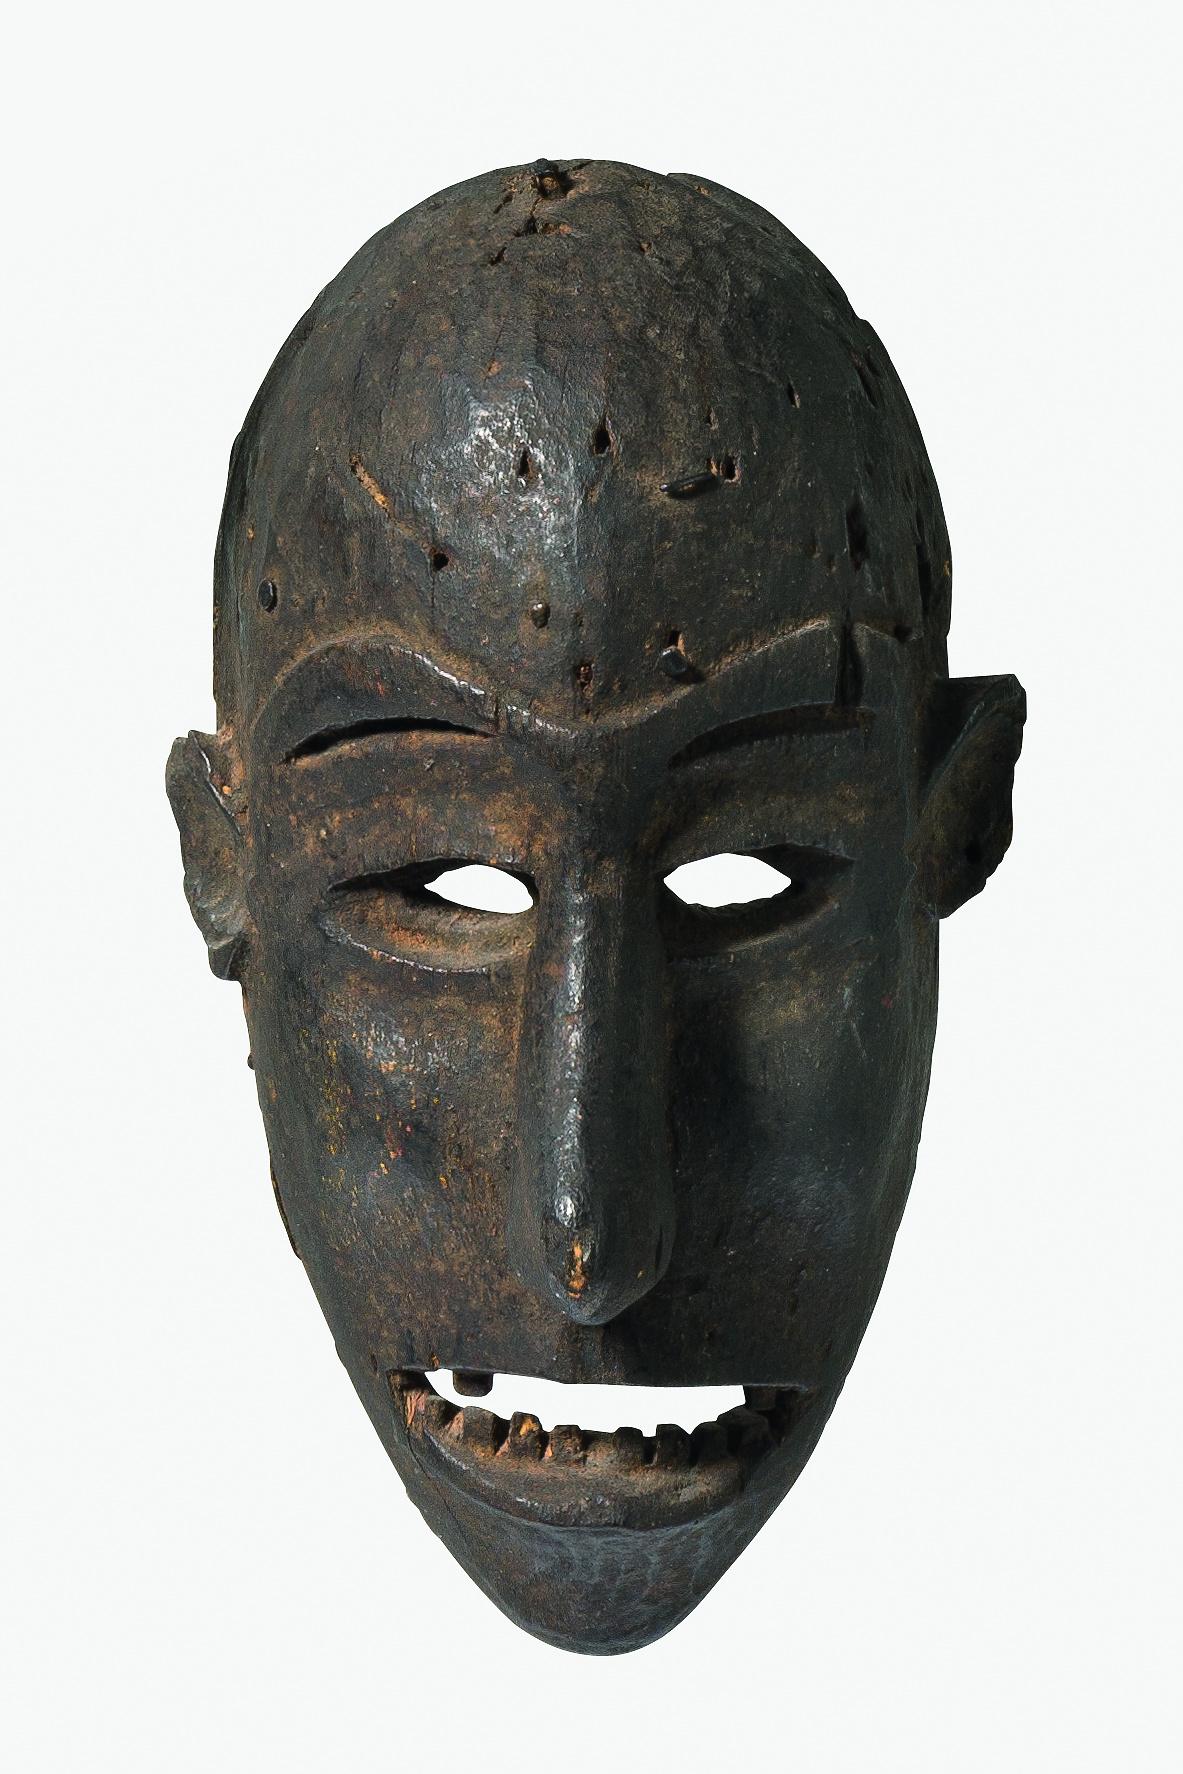 Kleine anthropomorphe Gesichtsmaske